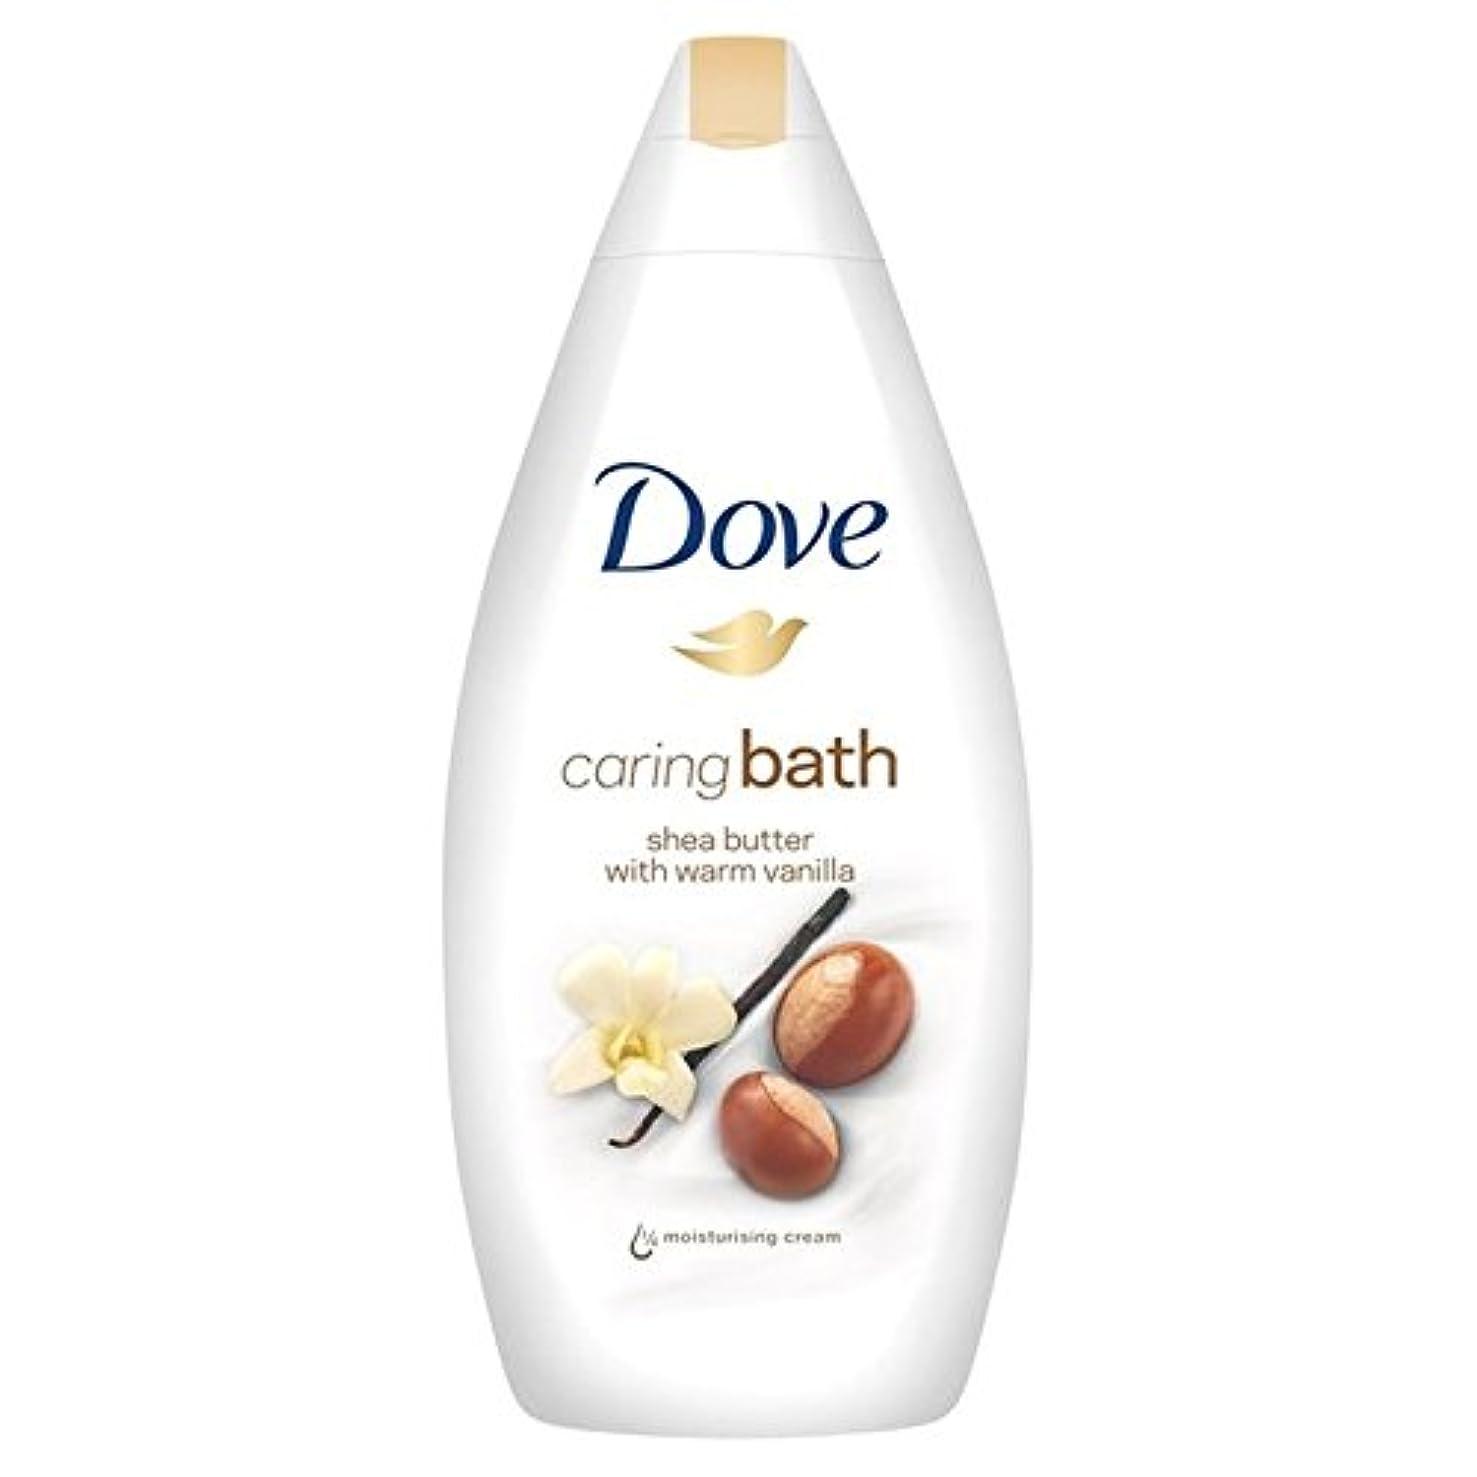 雑品十億億Dove Purely Pampering Shea Butter Caring Cream Bath 500ml (Pack of 6) - 鳩純粋な贅沢シアバター思いやりのあるクリームバス500ミリリットル x6 [...